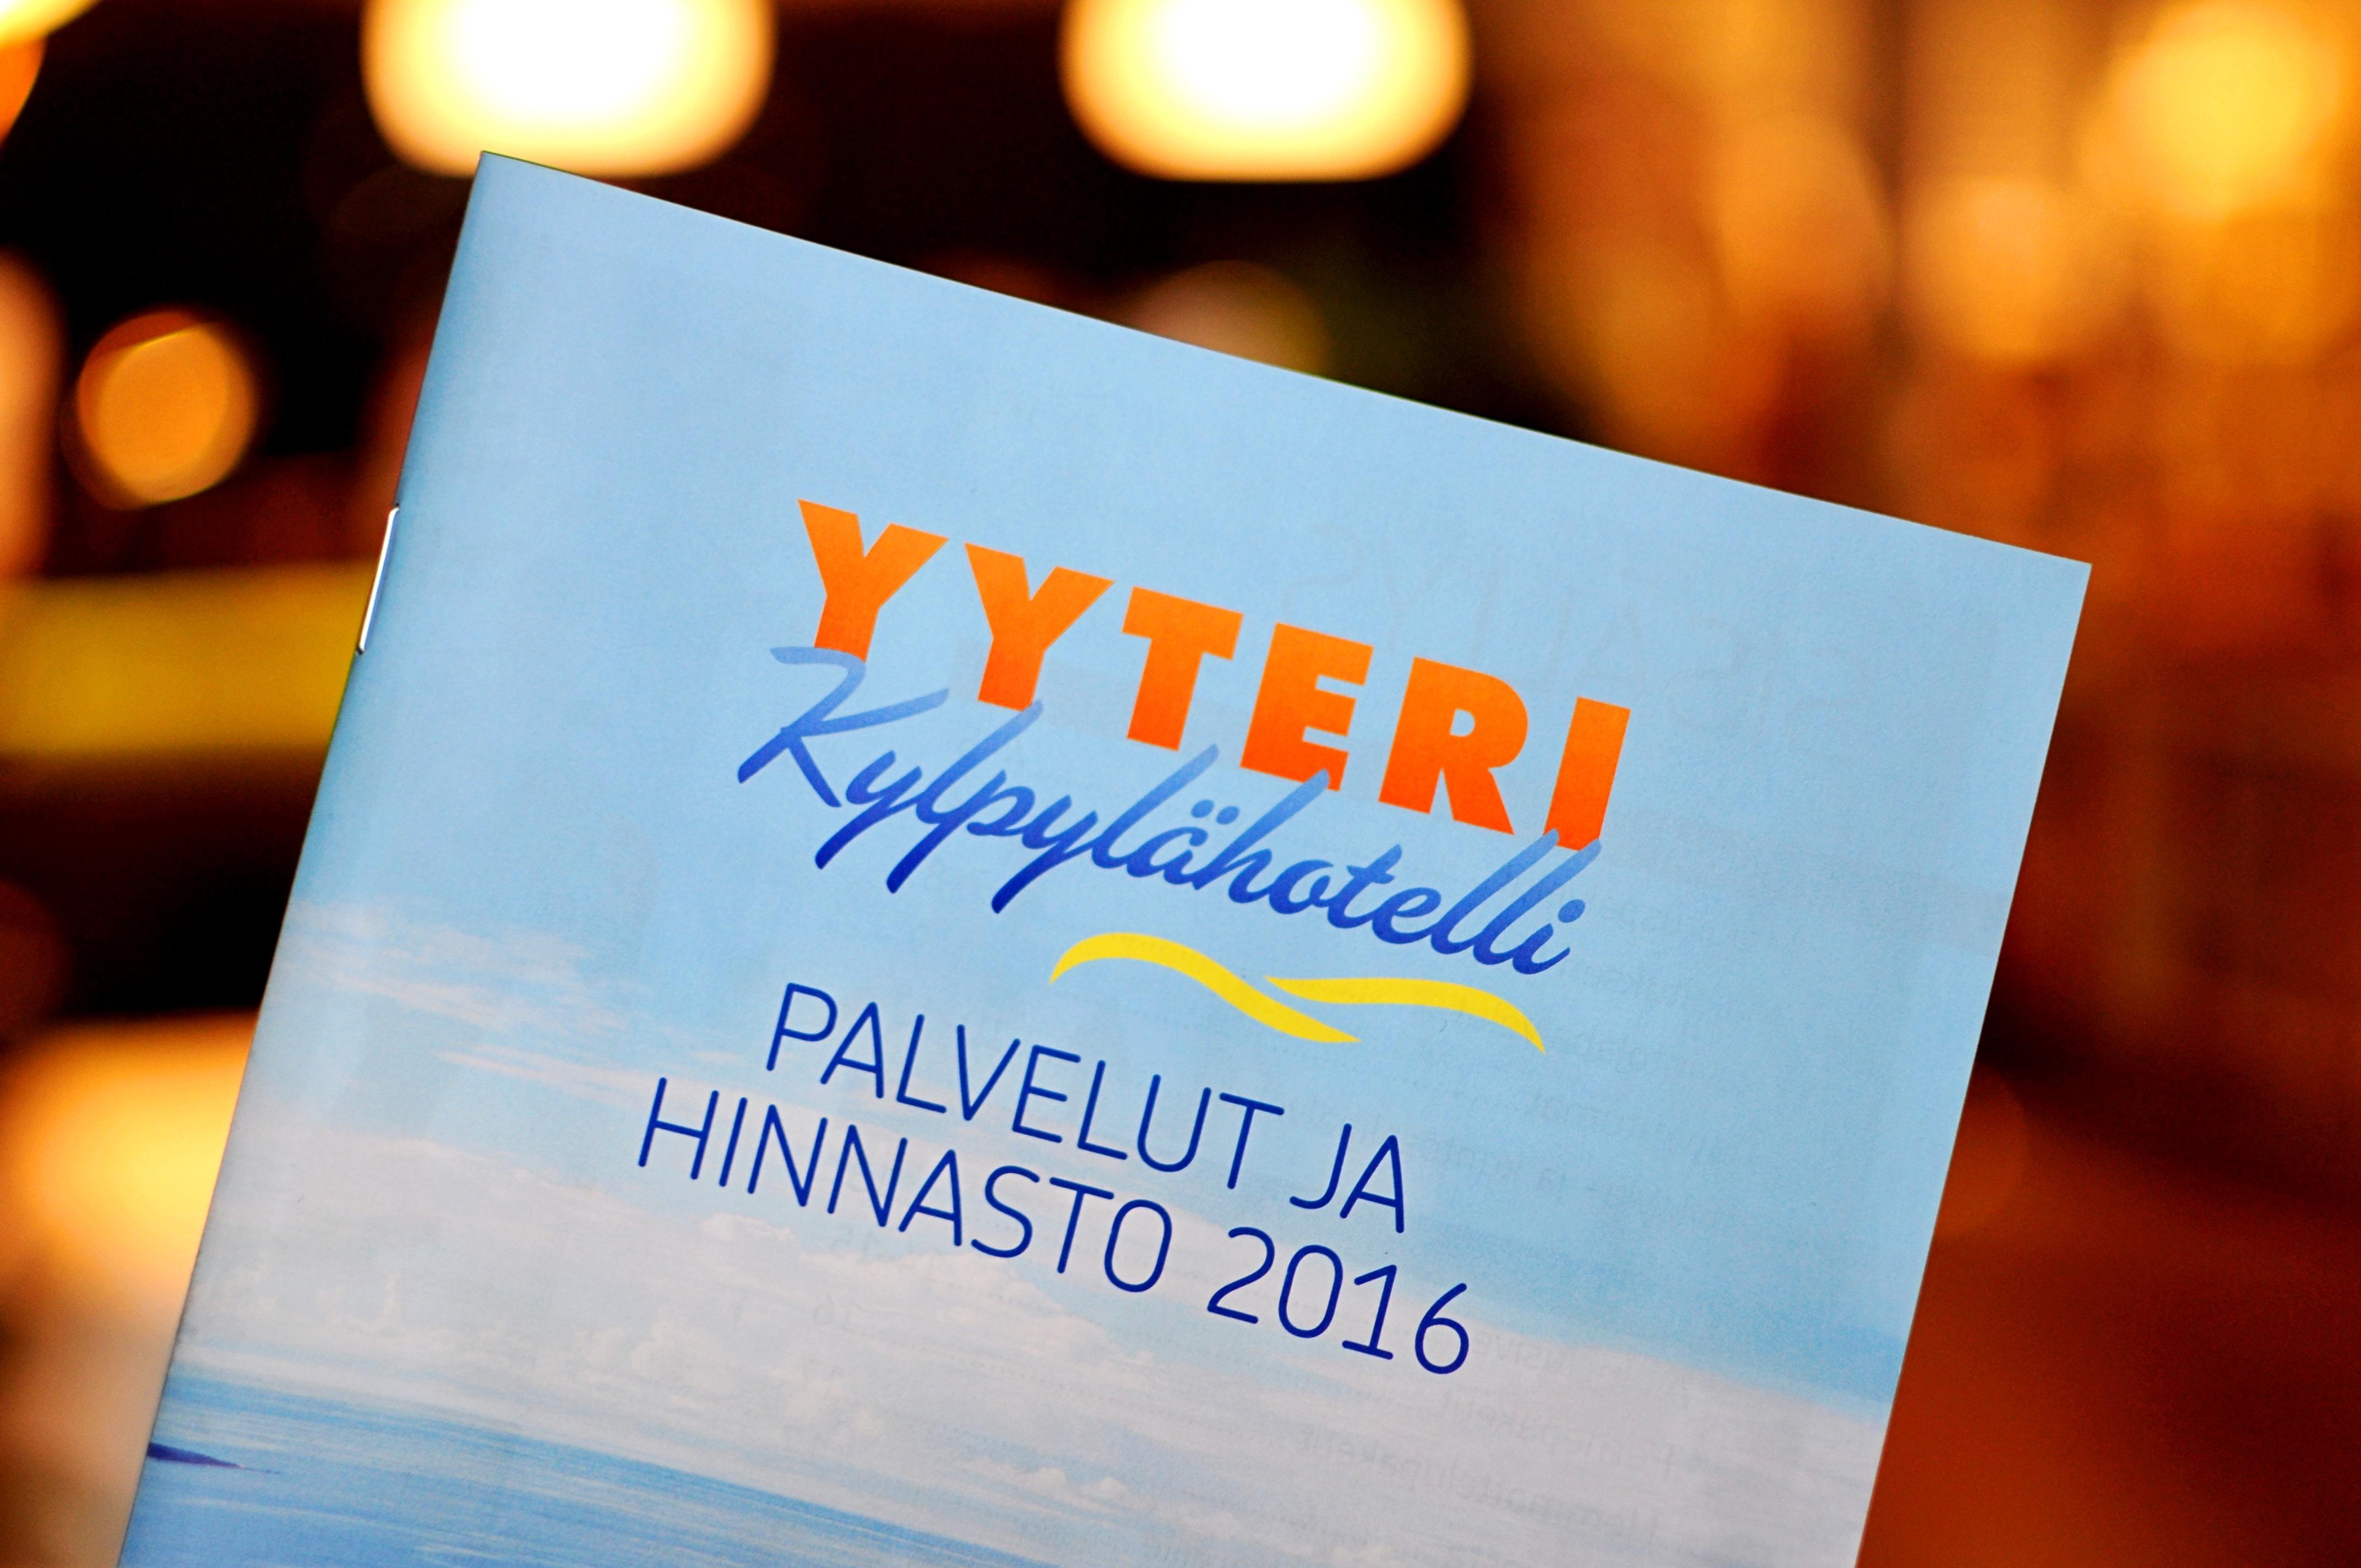 yyteri_kylpylä13